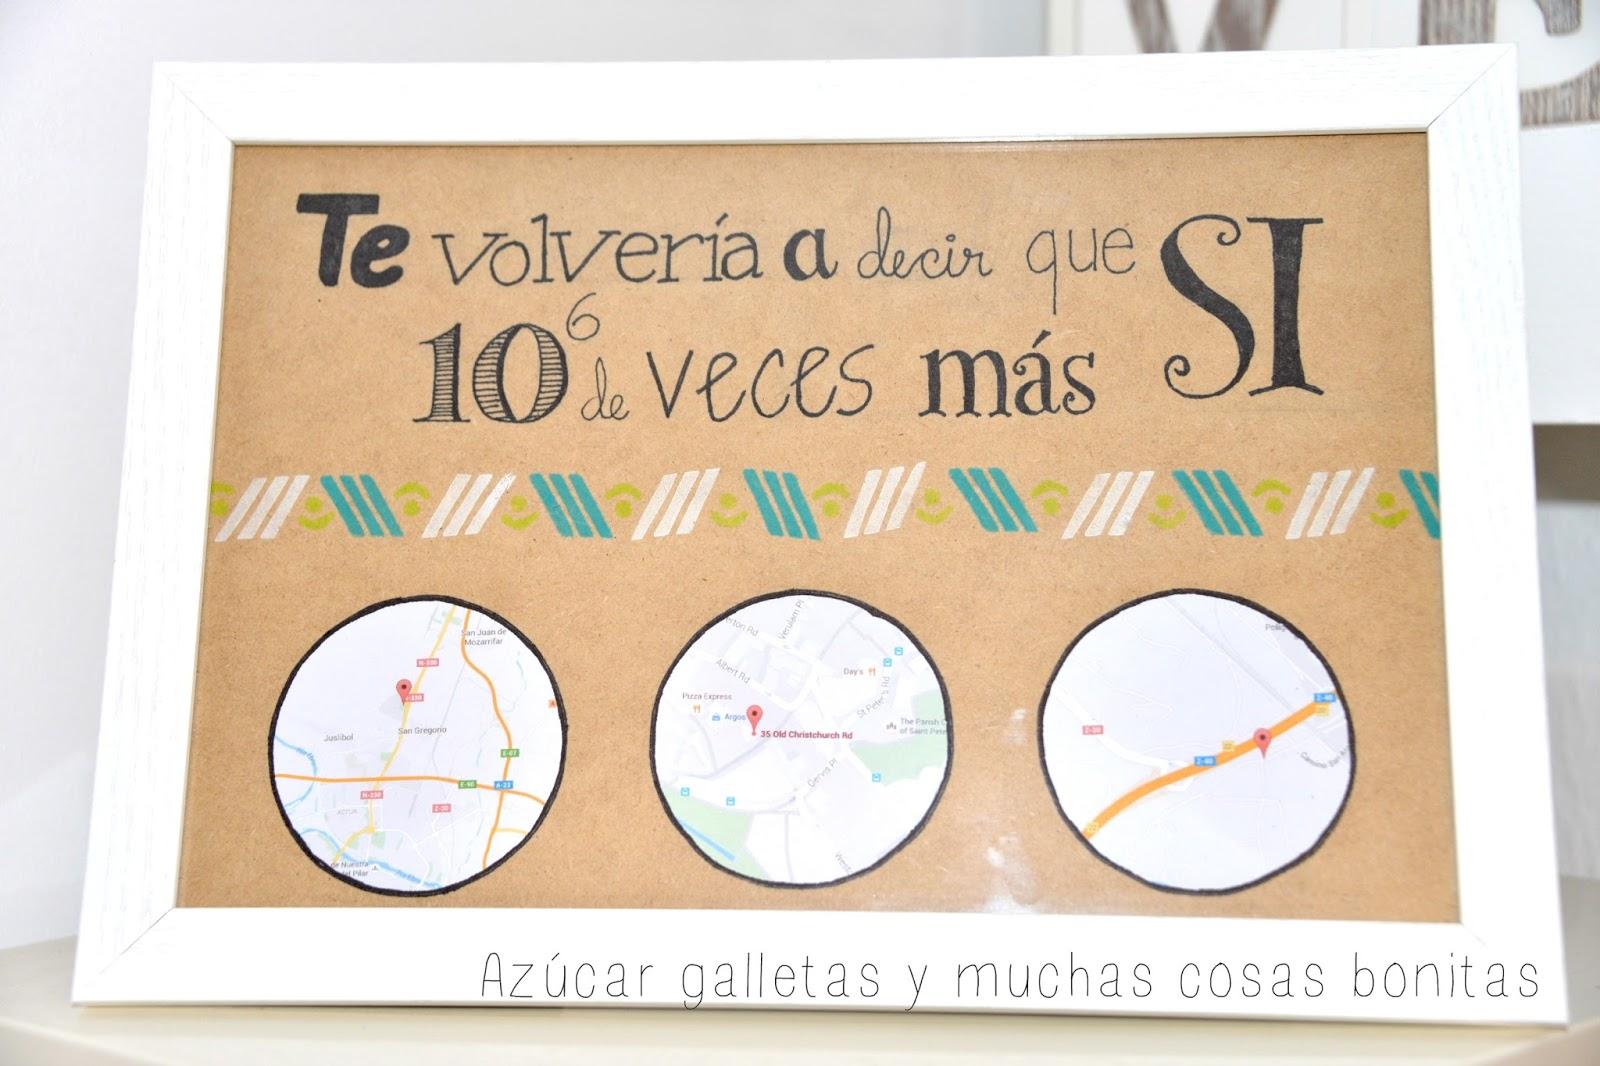 Es sencillo y bonito, aunque hay que reconocer que lo único de papel son los mapas, pero vamos que sólo es una pequeña trampa!